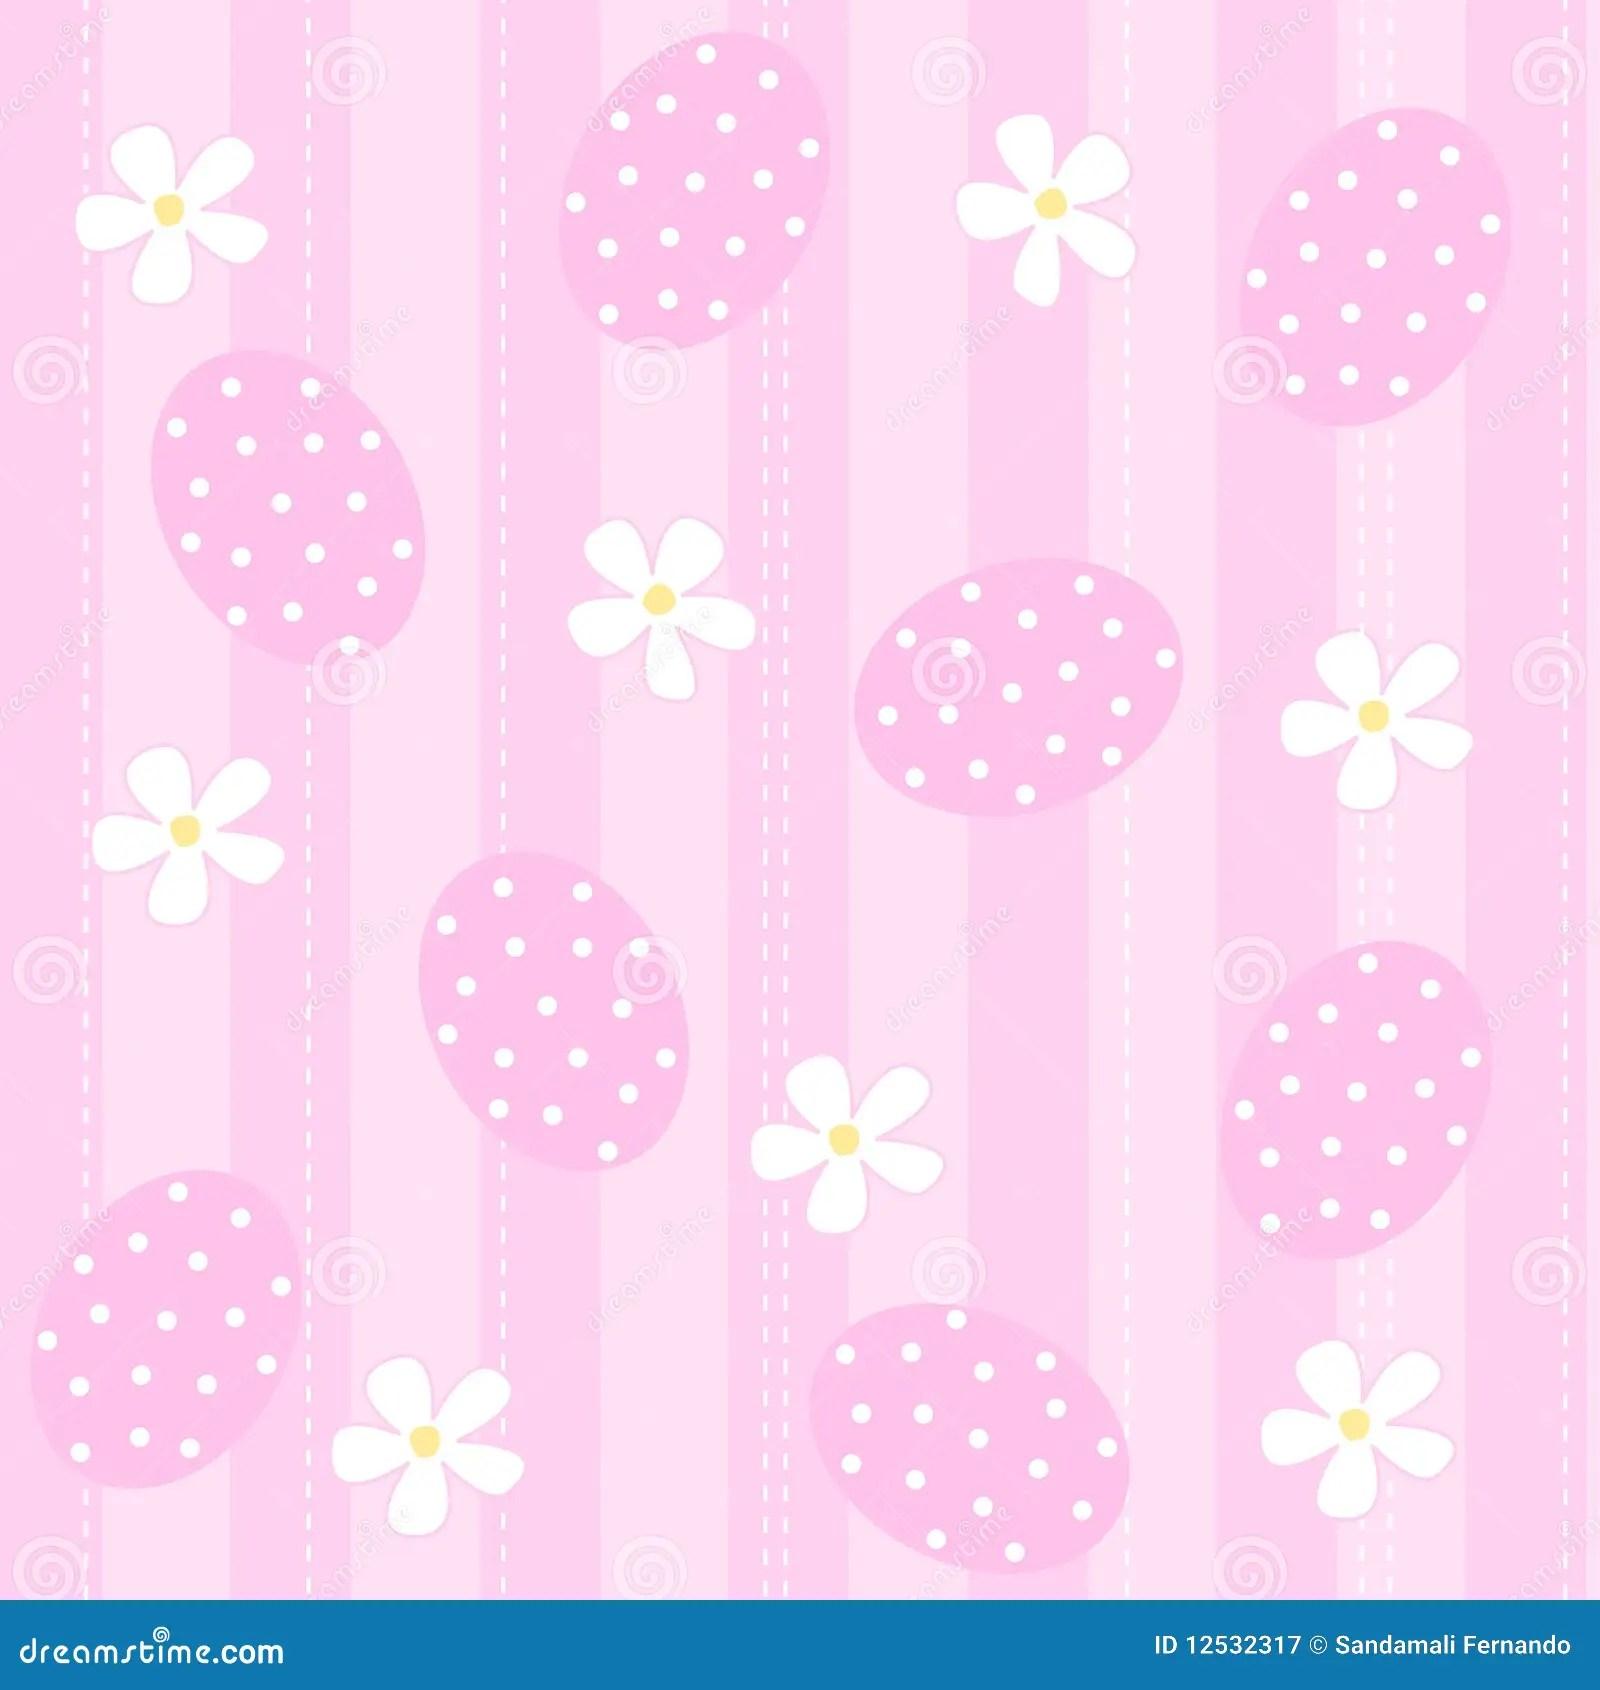 Easter Eggs Background Tumblr